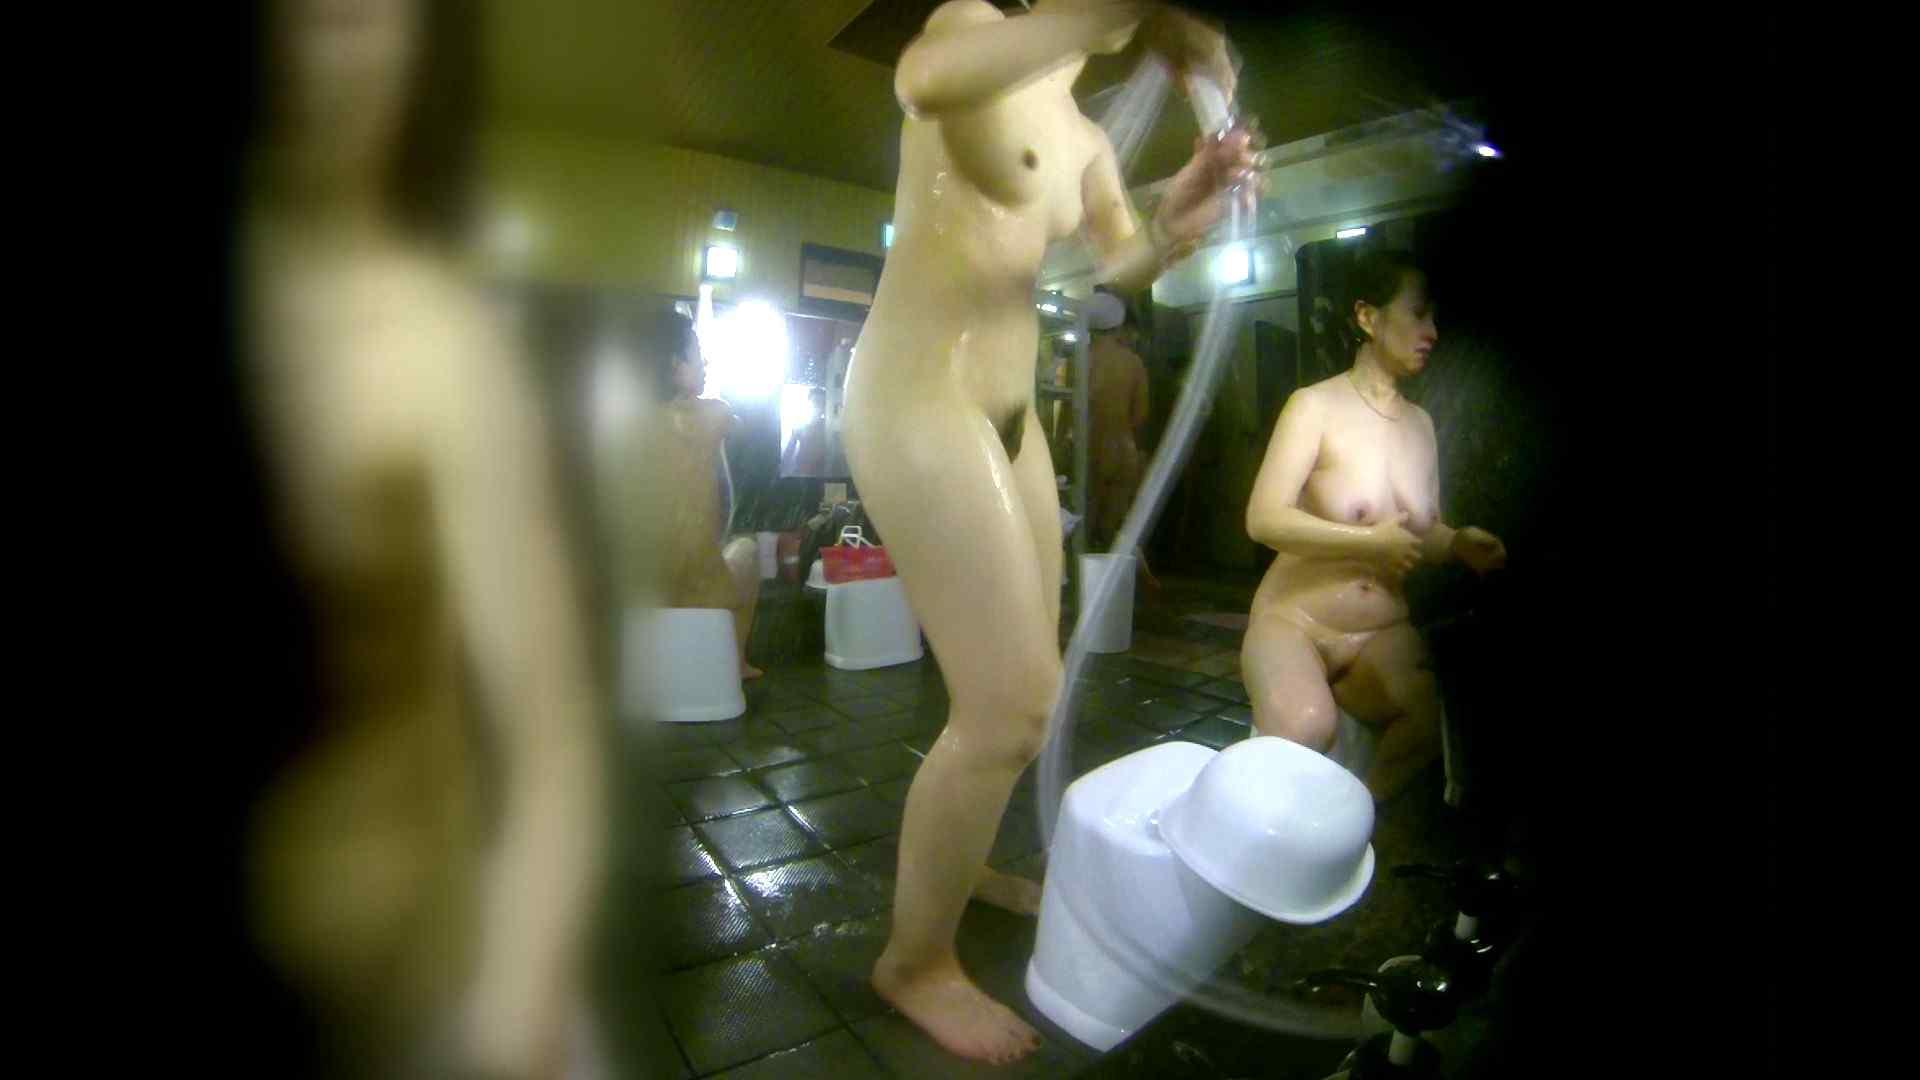 洗い場!右足の位置がいいですね。陰毛もっさり! 銭湯   潜入  58pic 9